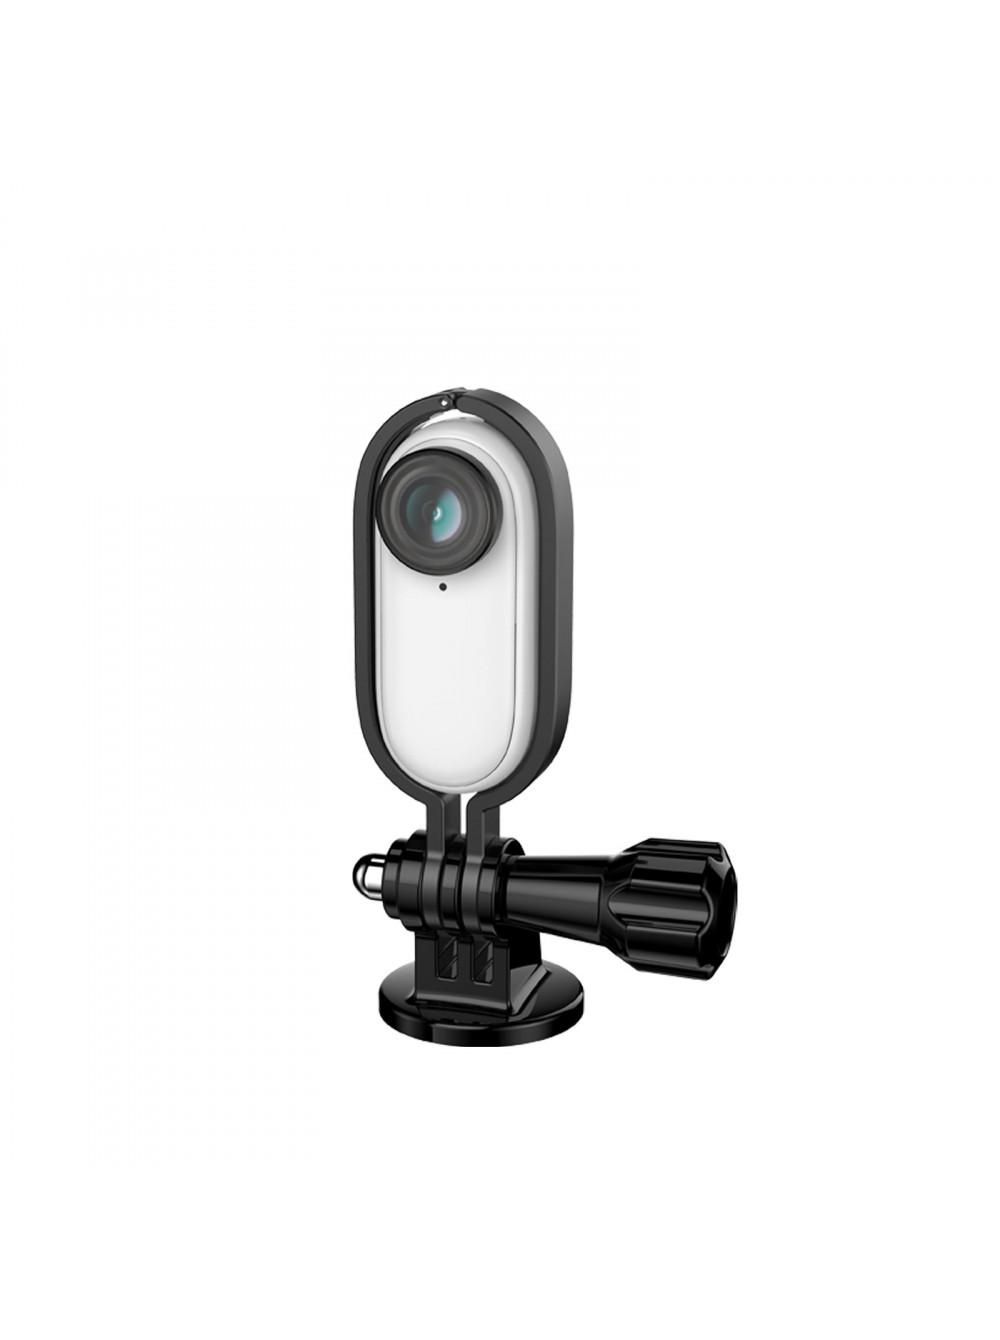 Металлический защитный каркас с 1/4 дюймовым адаптером и винтом для Insta360 GO Sunnylife